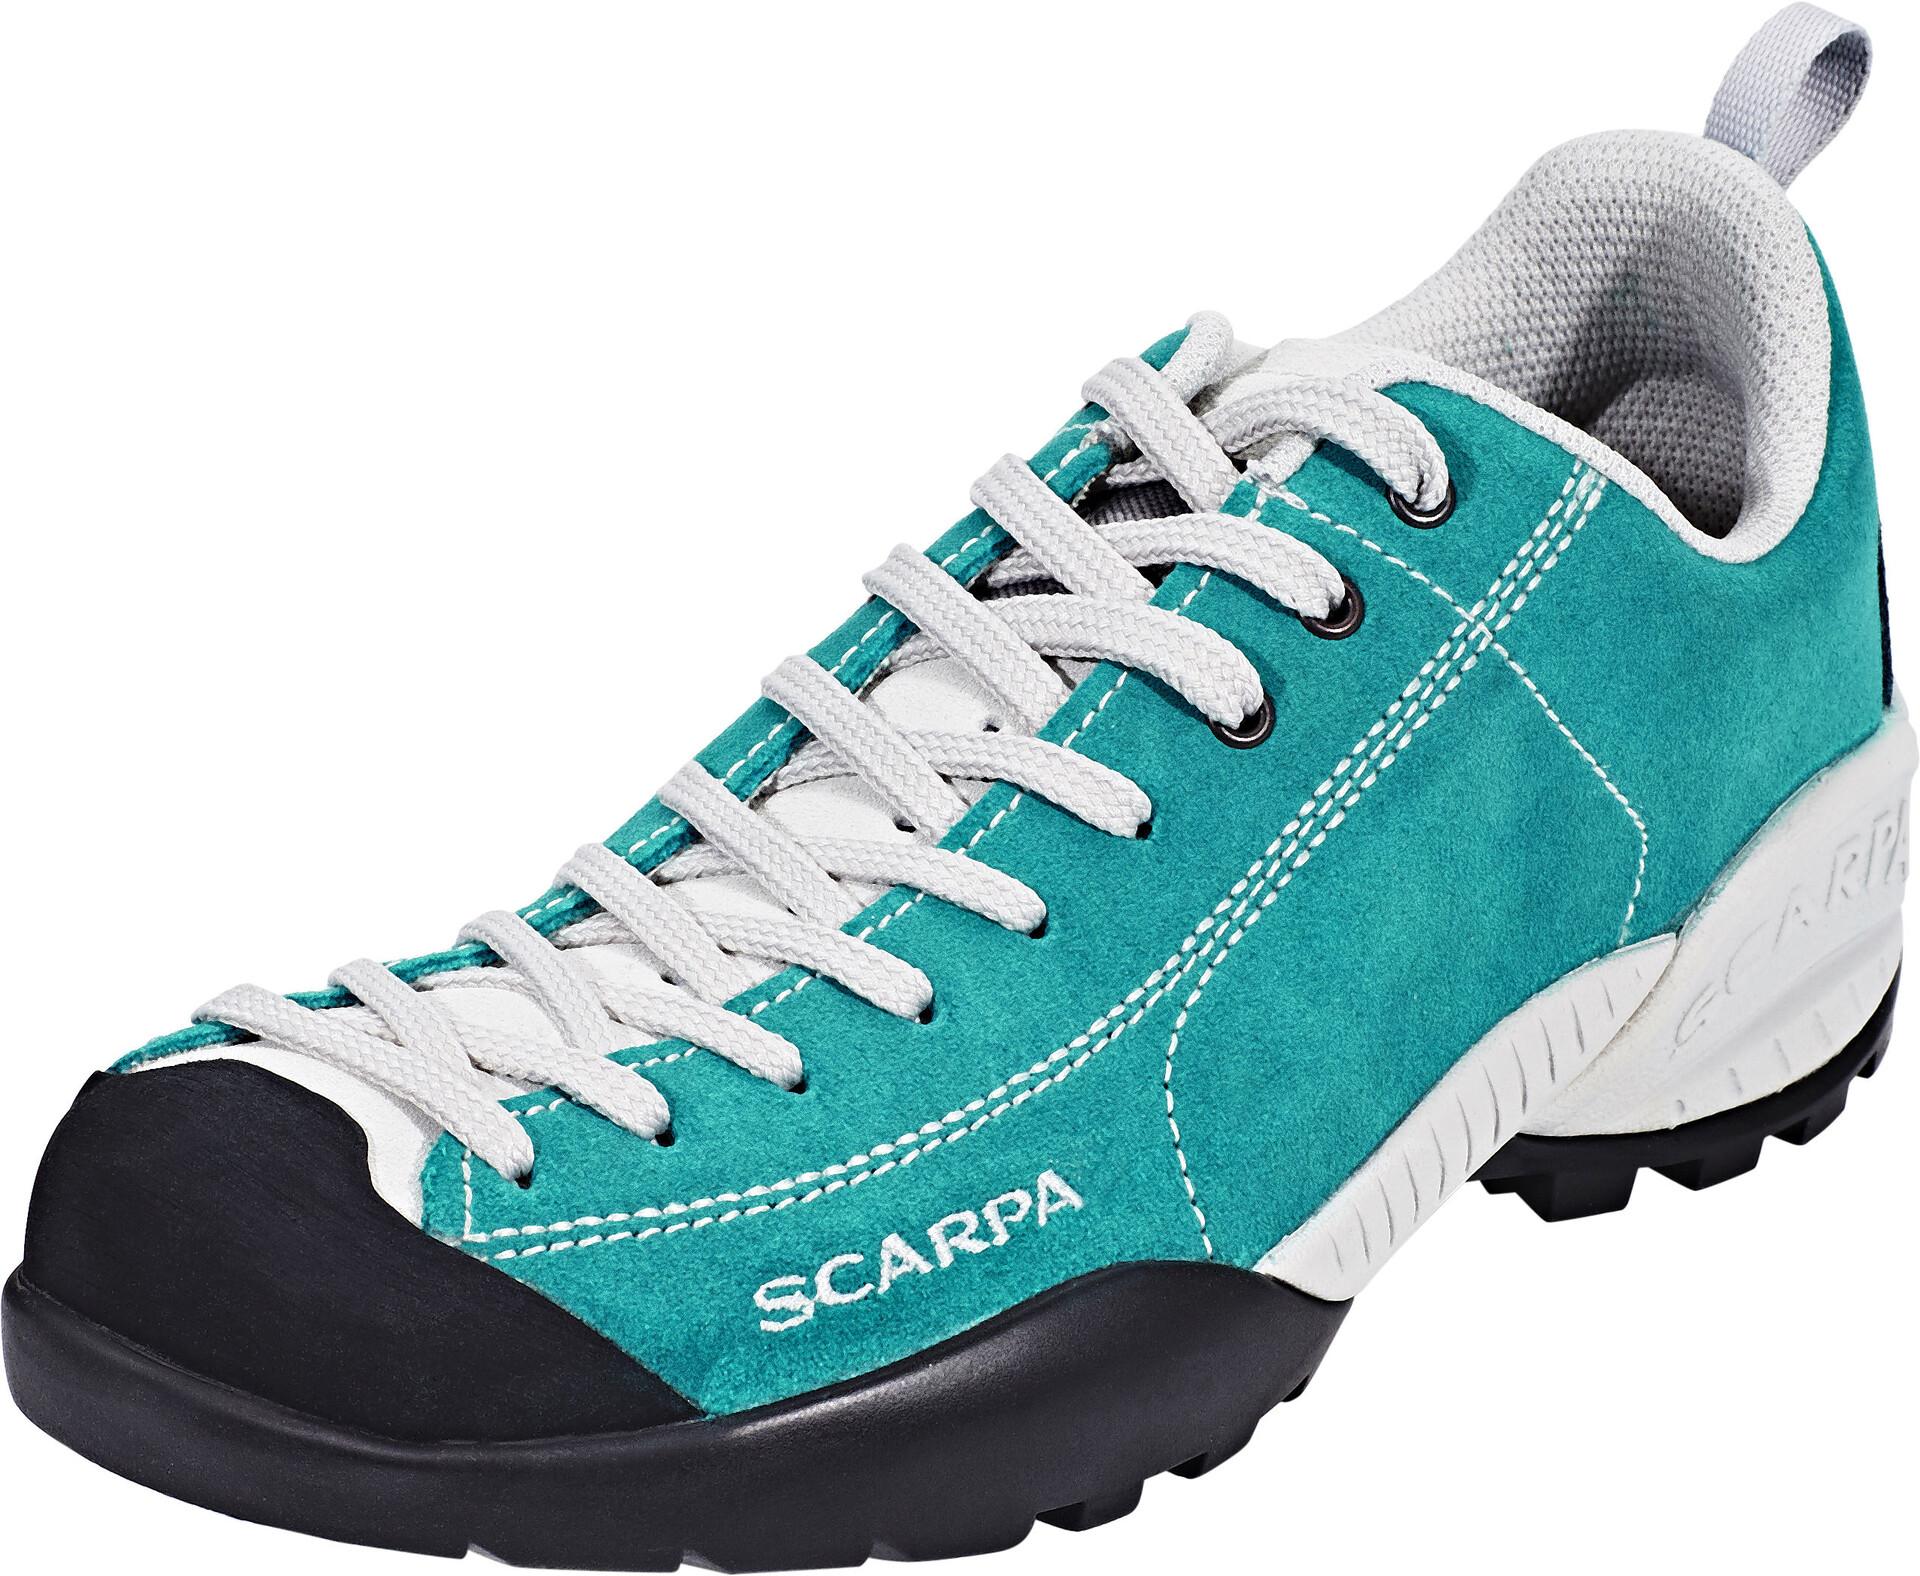 Green Scarpa Green Scarpa Mojito Mojito MujerTropical Zapatillas MujerTropical Scarpa Zapatillas kiuPXwOZT